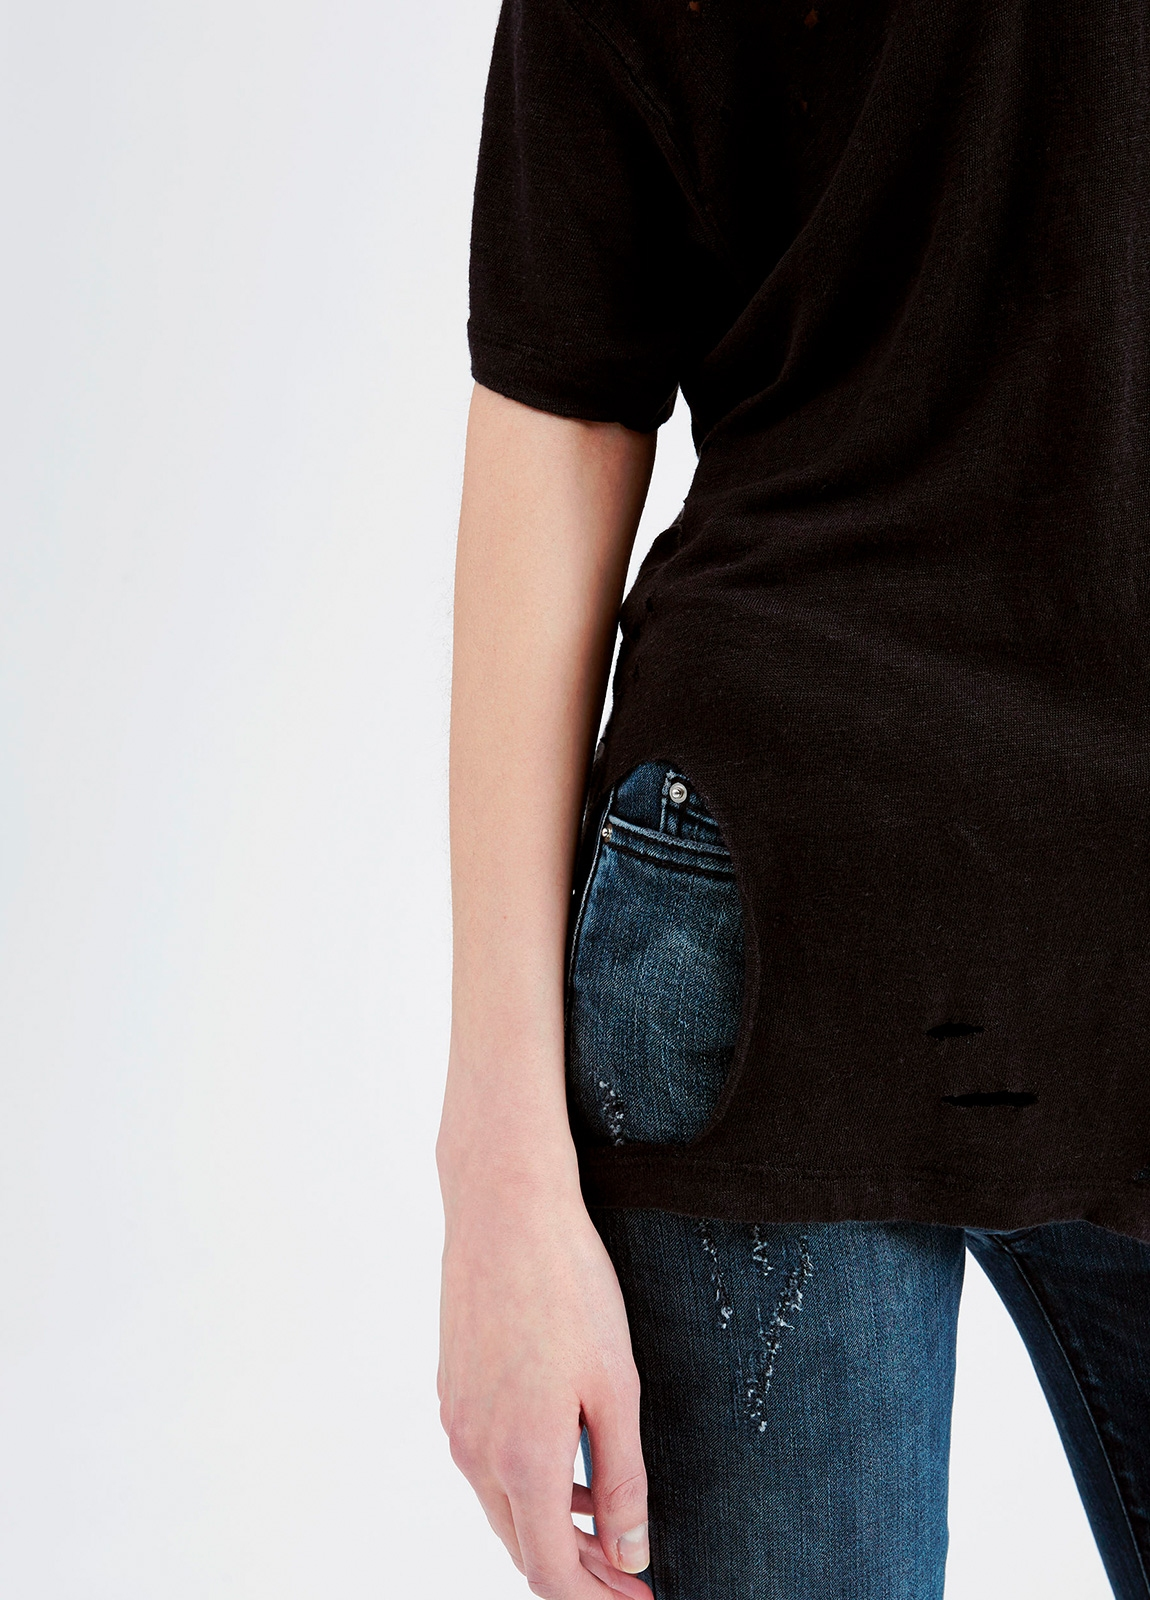 Camiseta asimétrica de manga corta color negro. 100% Lino - Ítem3